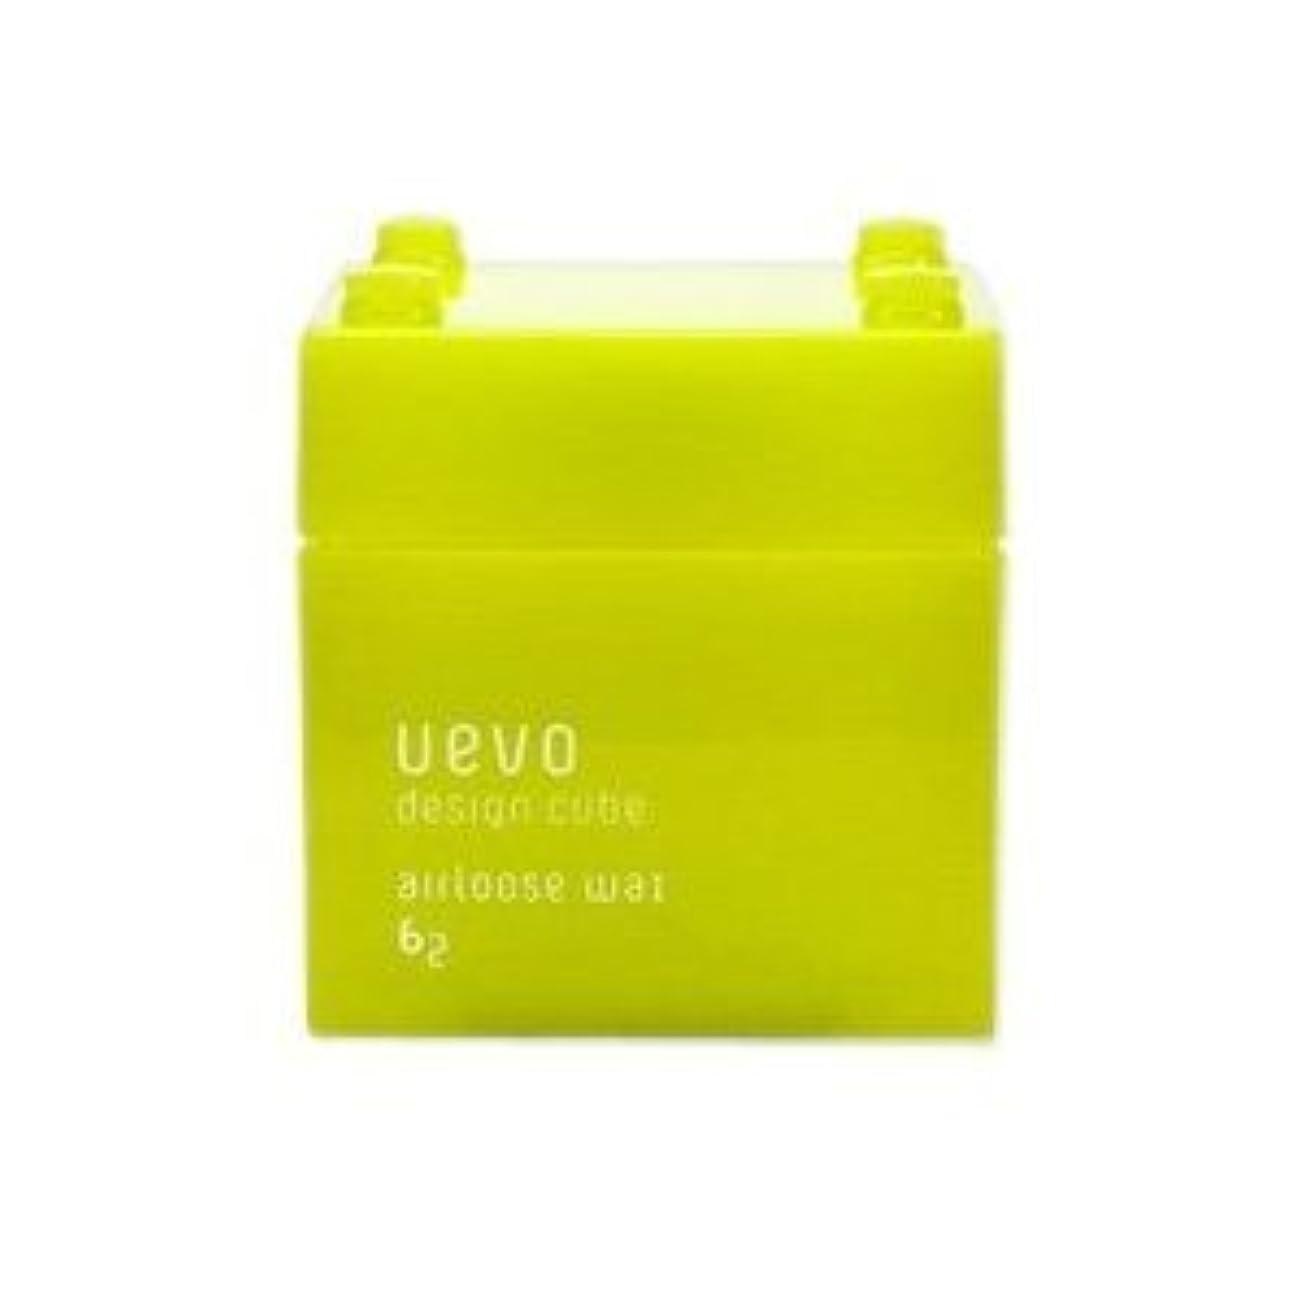 電気的嵐ので【X3個セット】 デミ ウェーボ デザインキューブ エアルーズワックス 80g airloose wax DEMI uevo design cube